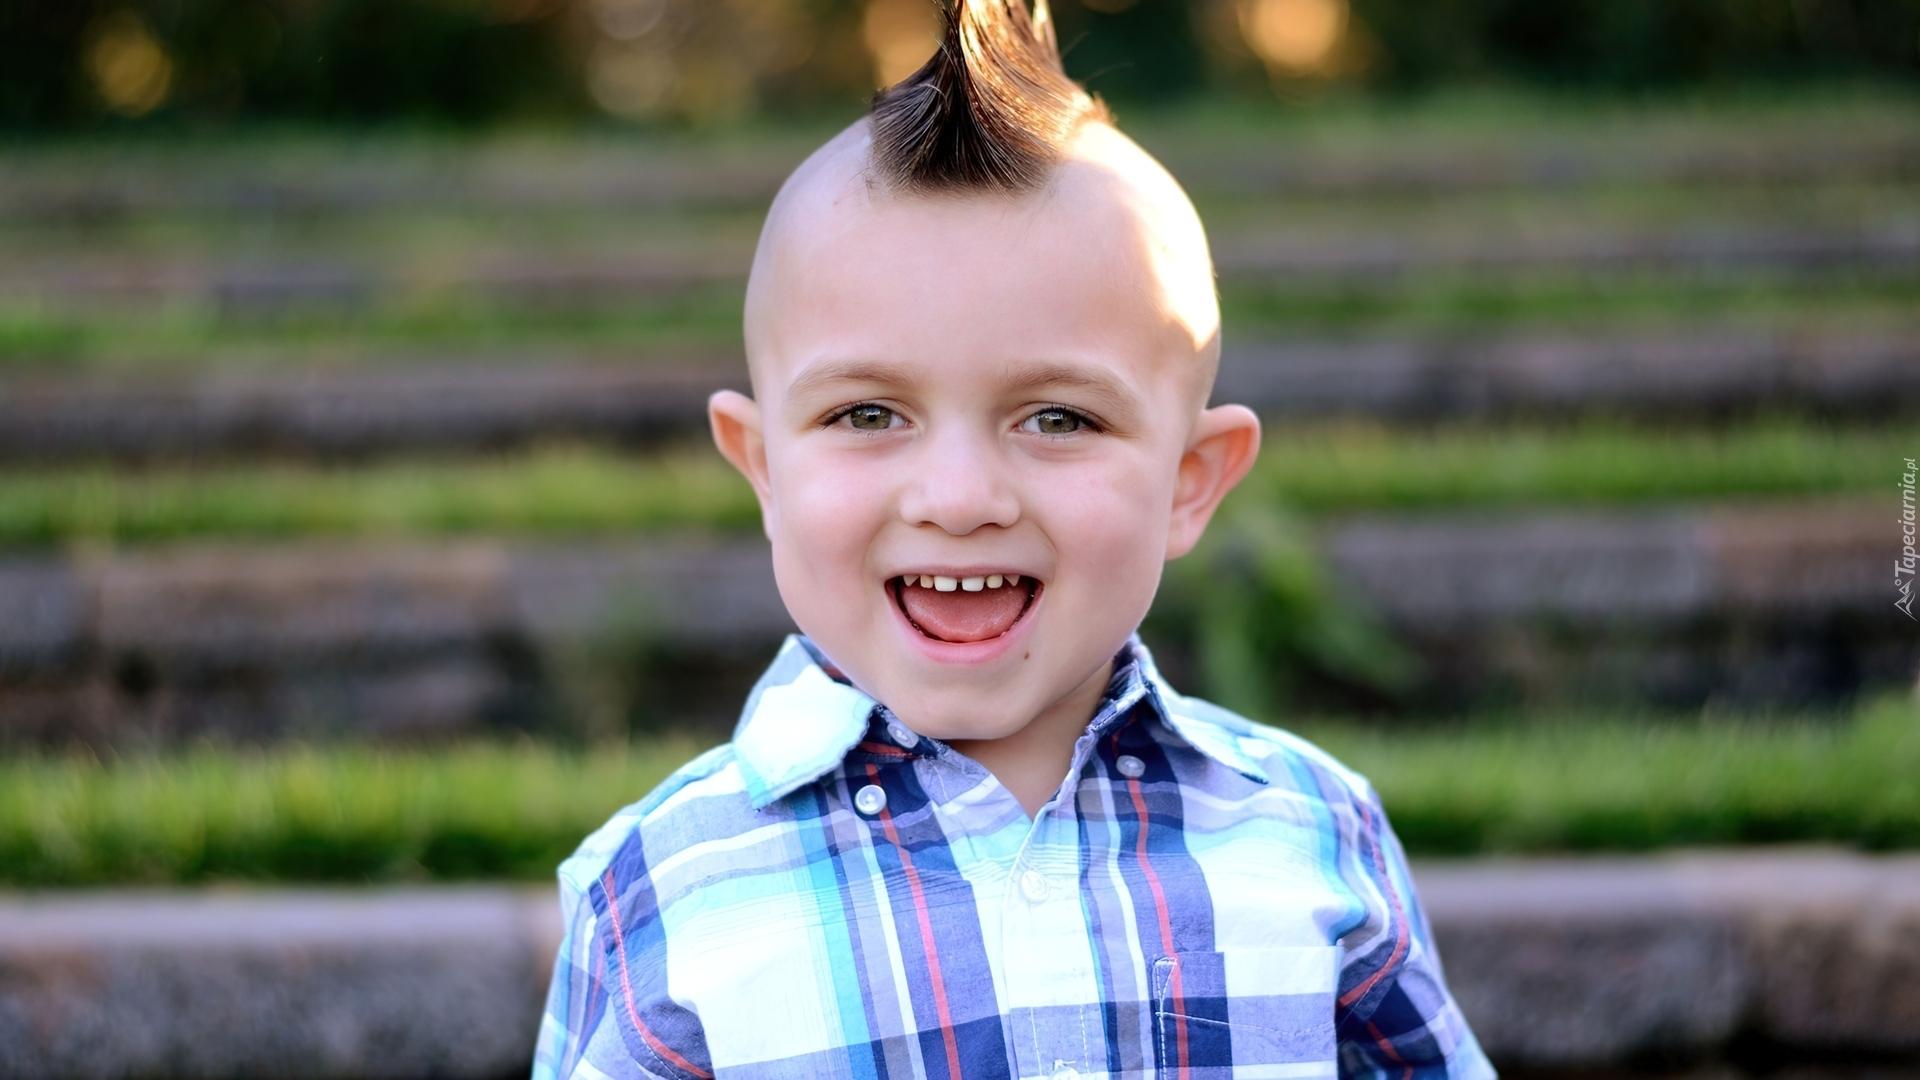 Chłopiec Uśmiech Fryzura